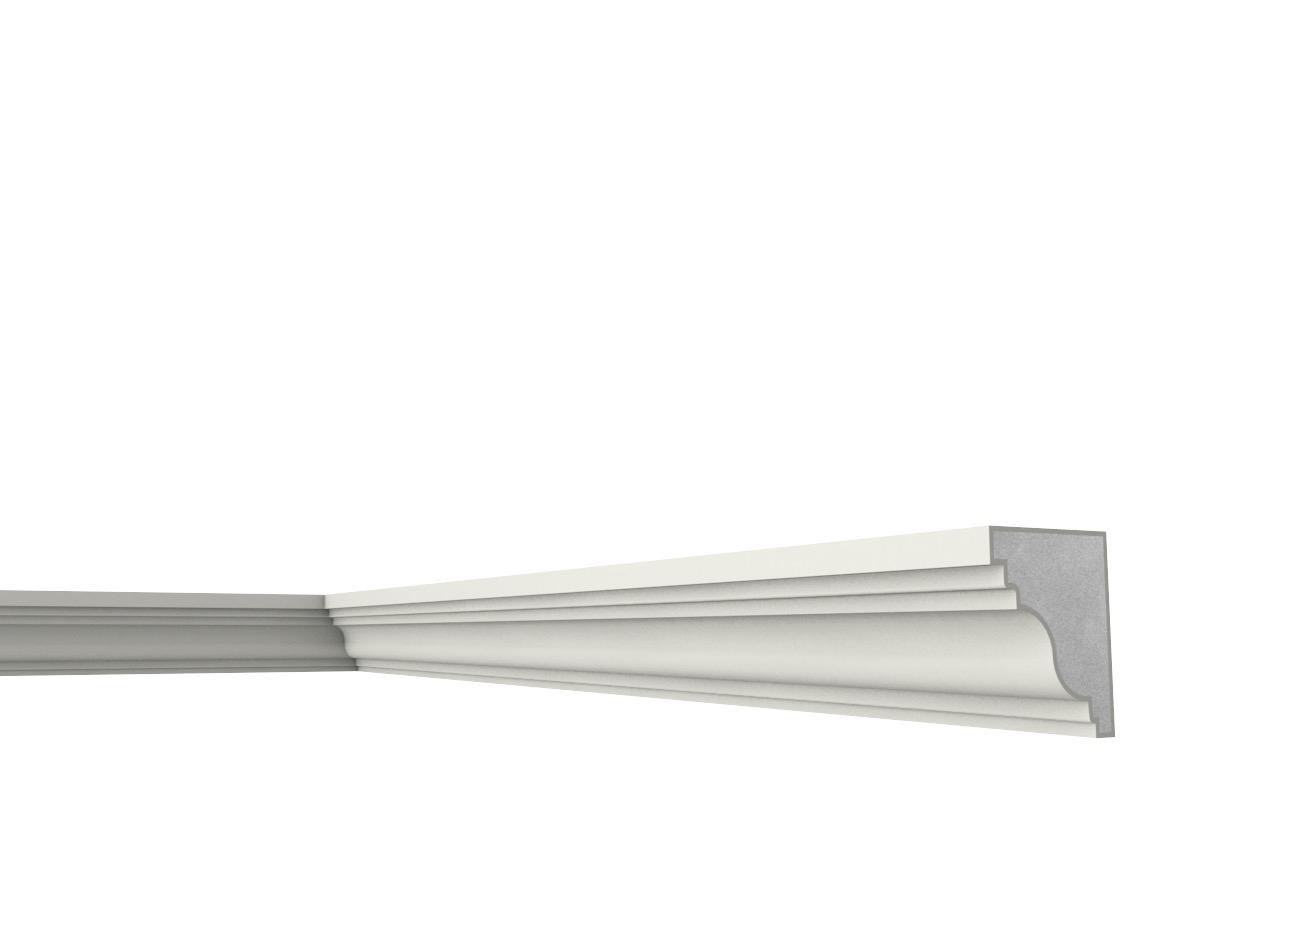 S 75 - Cornice e marcapiano in polistirene spalmato con graniglie - Decorget - Ital Decori - Image 0